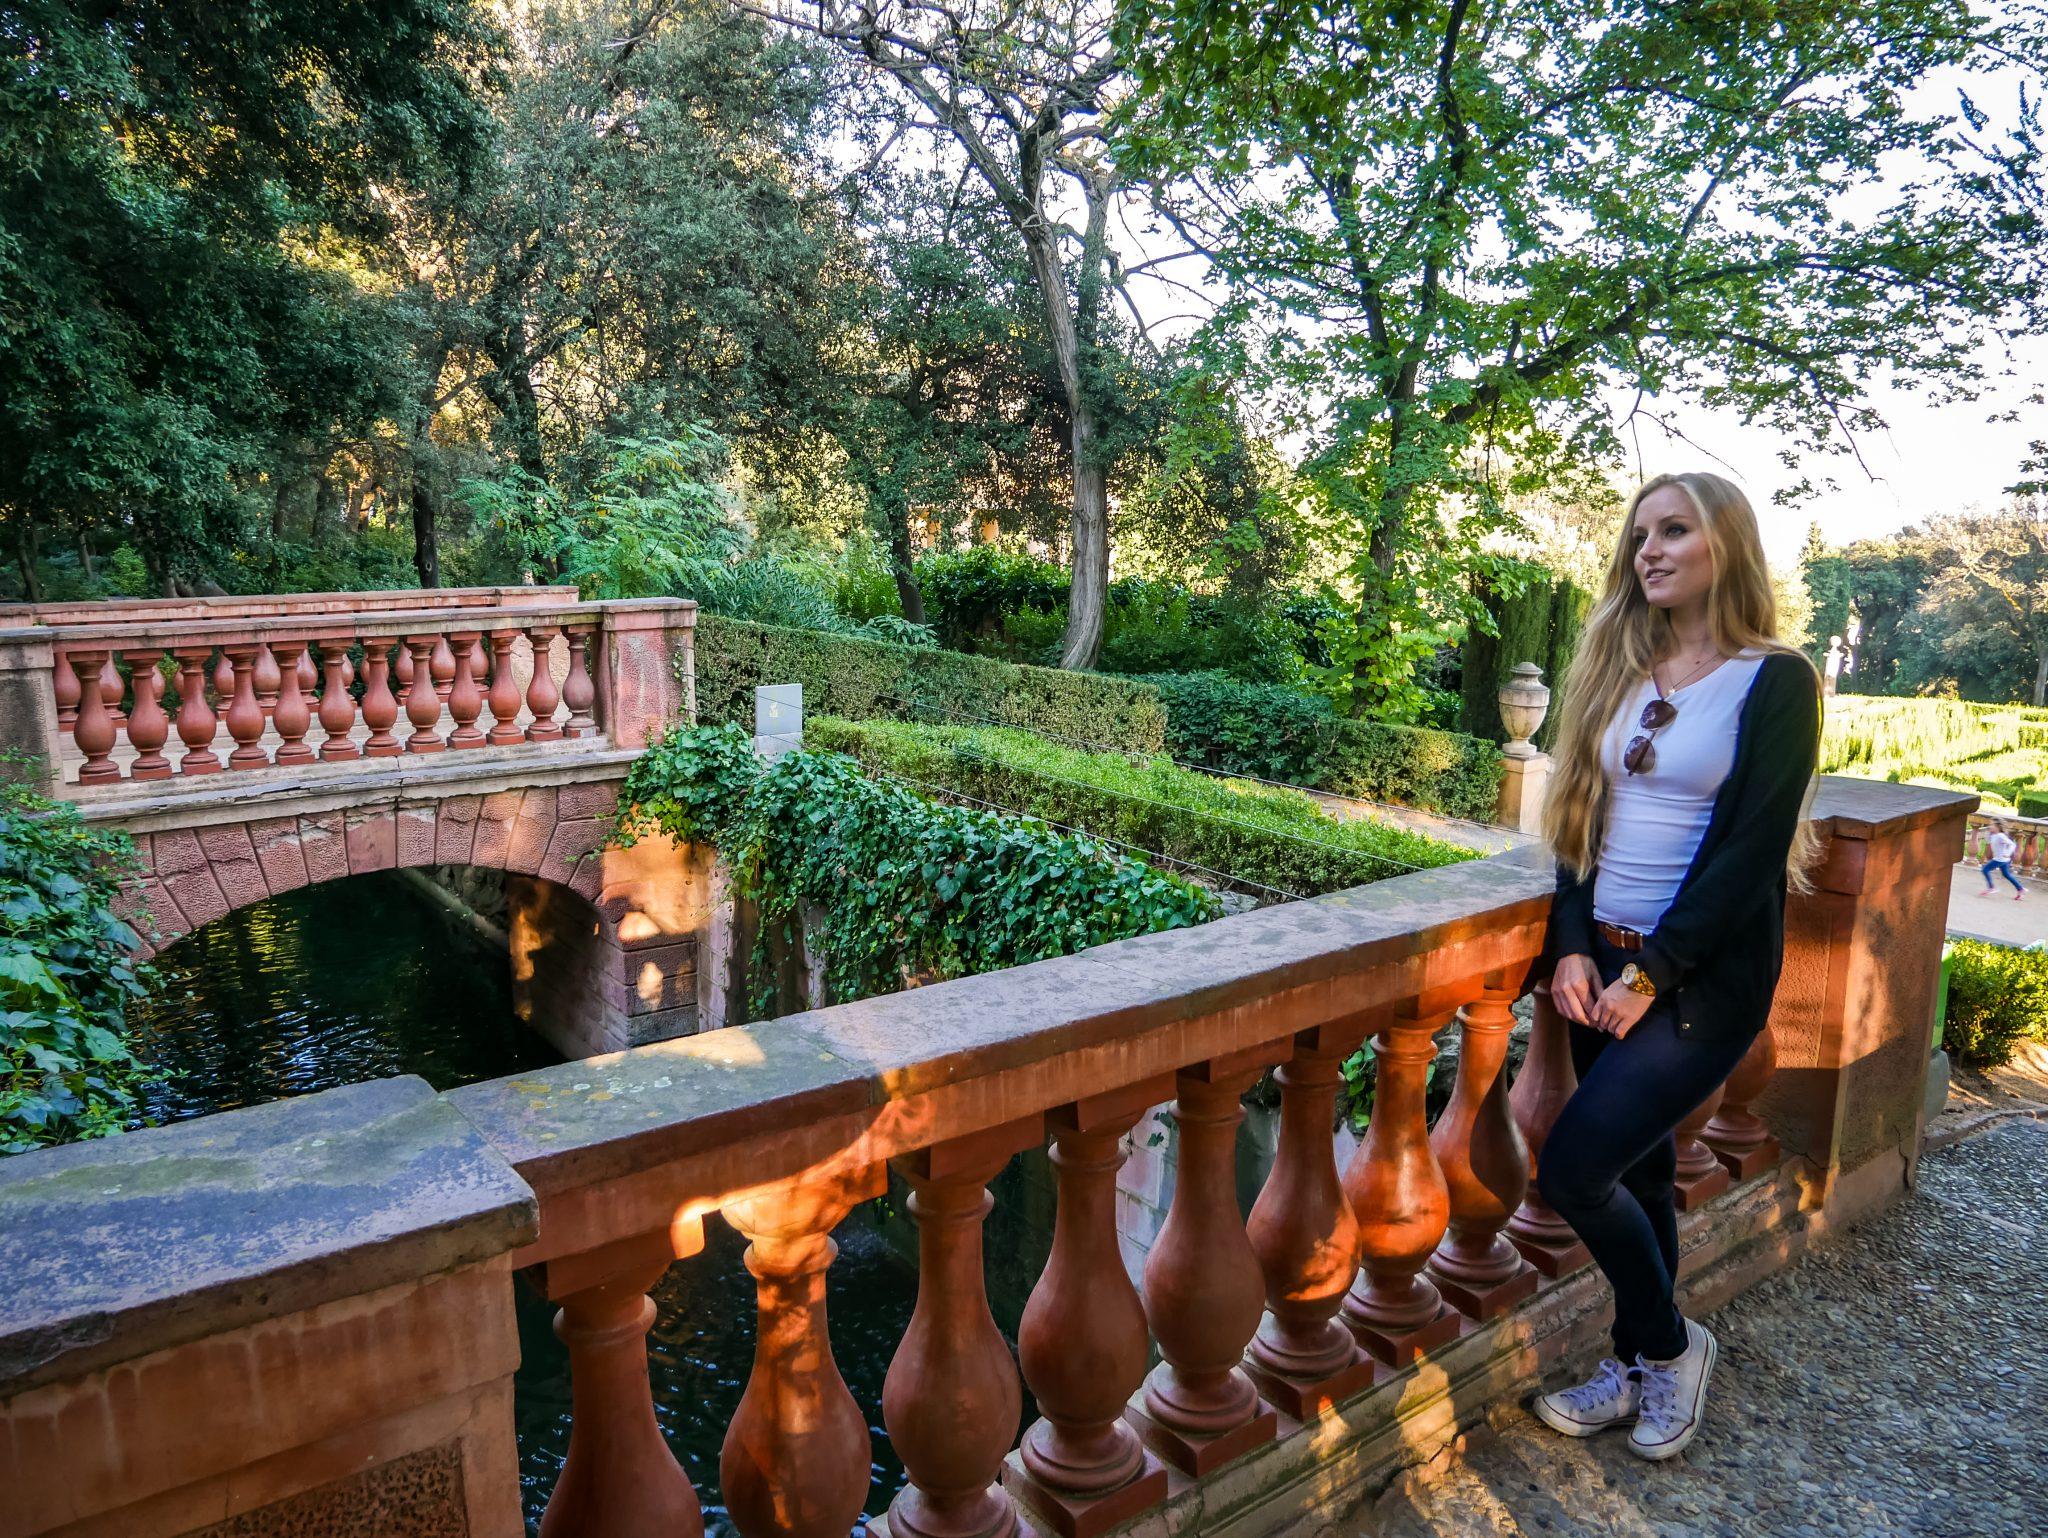 Ein traumhaft schöner Park, wenn man den Großstadtrummel von Barcelona entkommen möchte.